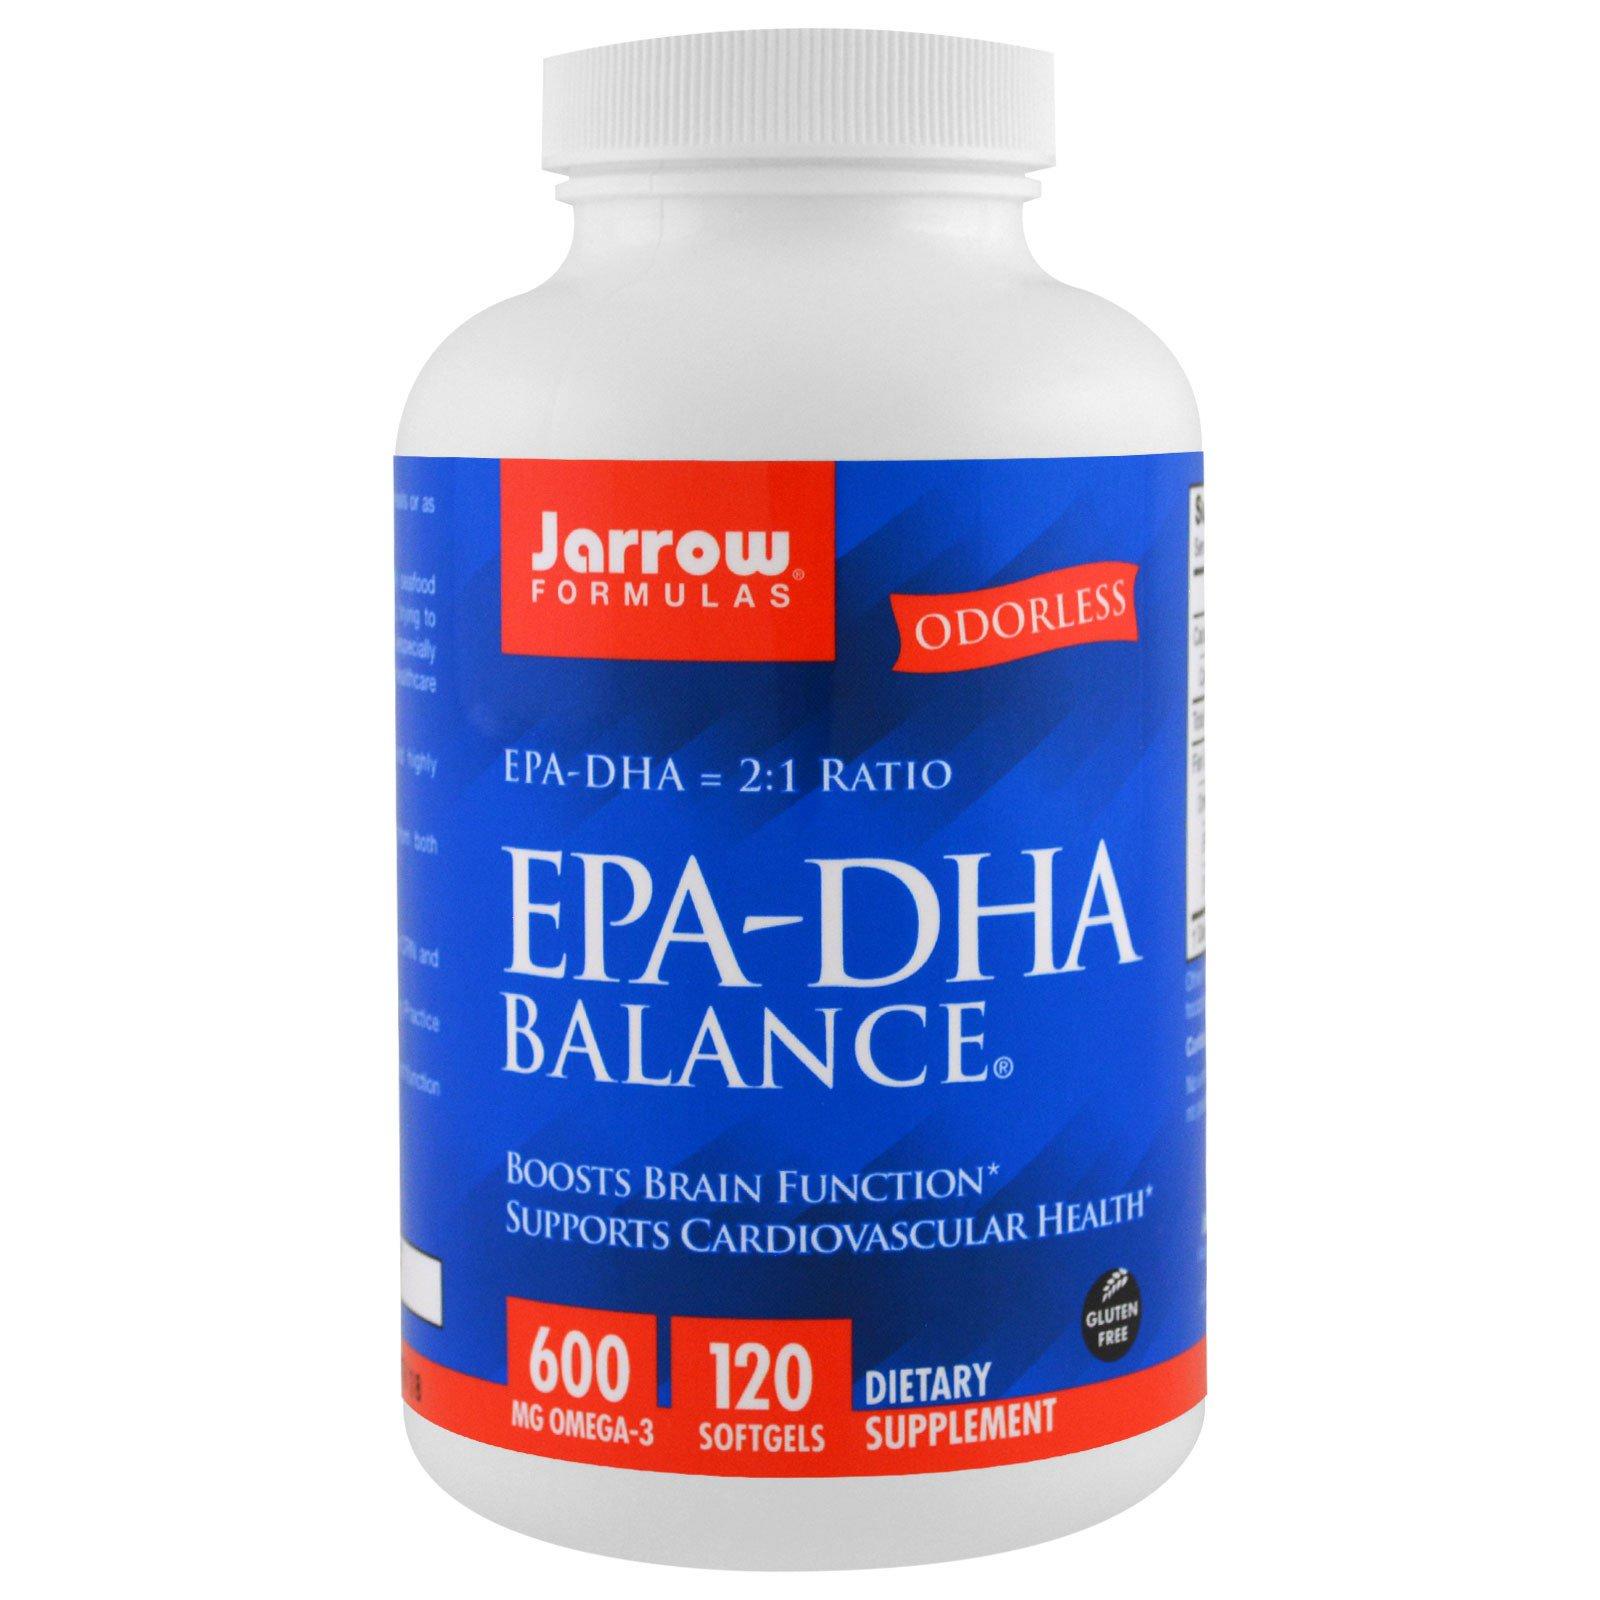 ドコサヘキサエン酸(DHA)